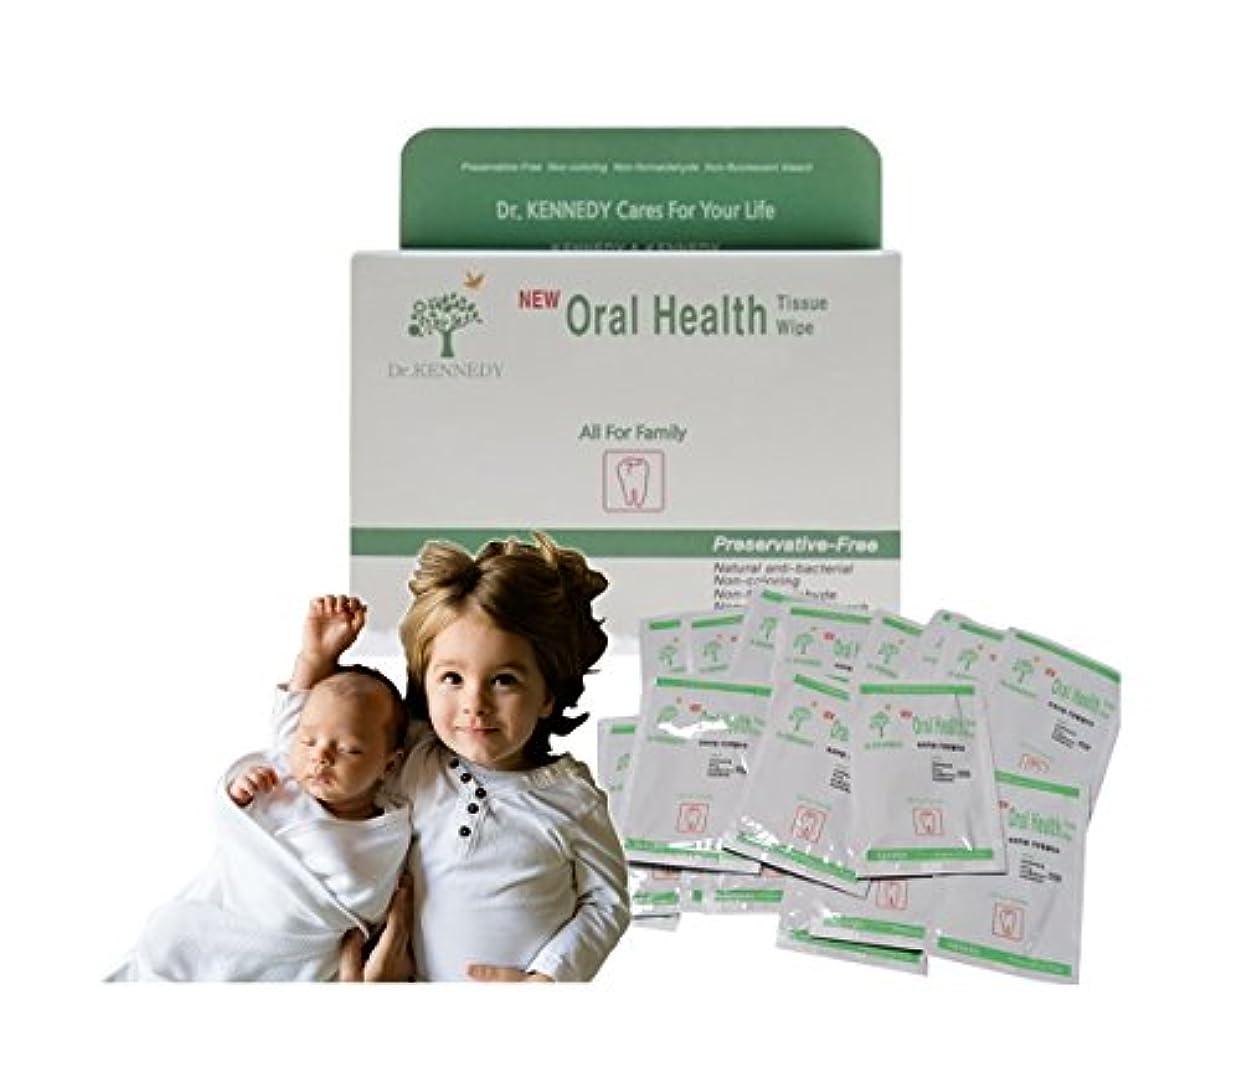 効果的にコインランドリー入札50枚 ベビーケアデンタルケア 安全 成分 歯磨き代用 幼兒 乳歯 口腔健康 Cotton ティッシュぺーパー 並行輸入